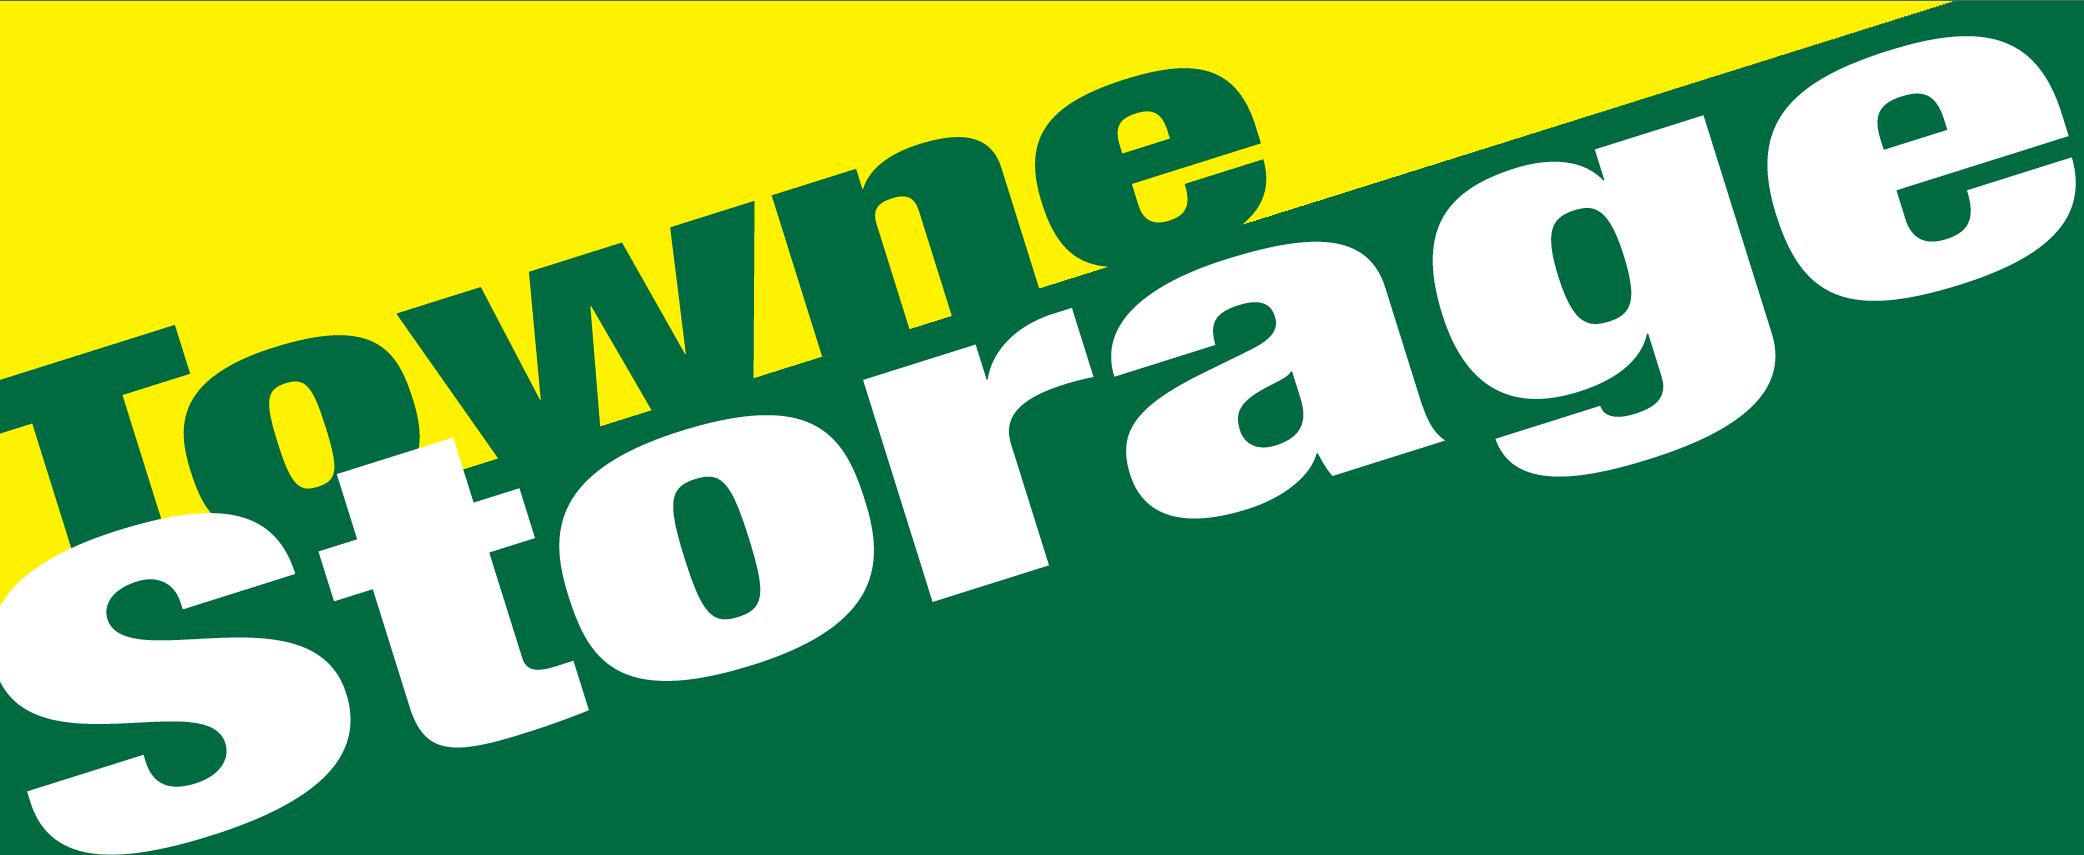 Towne Storage - Arville logo